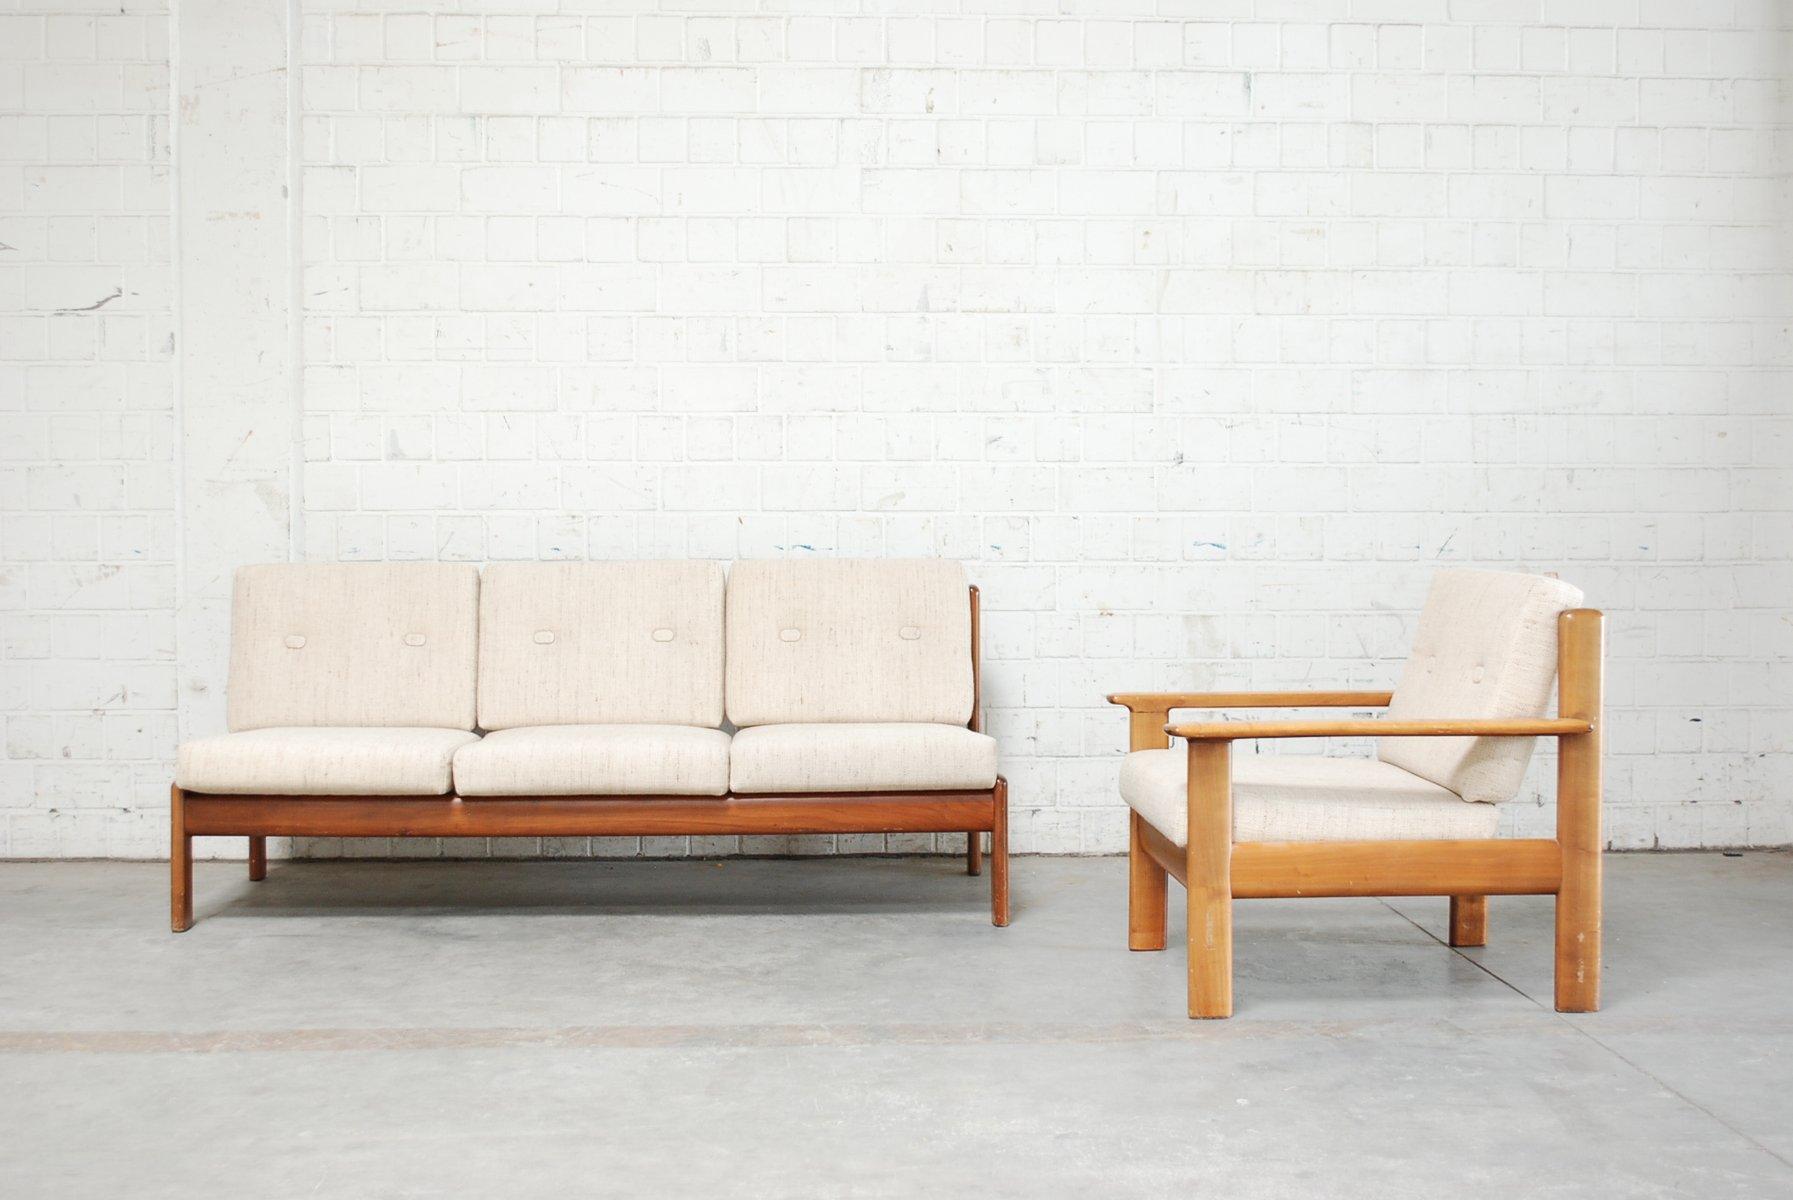 d nisches vintage kirschholz sofa sessel von knoll bei pamono kaufen. Black Bedroom Furniture Sets. Home Design Ideas